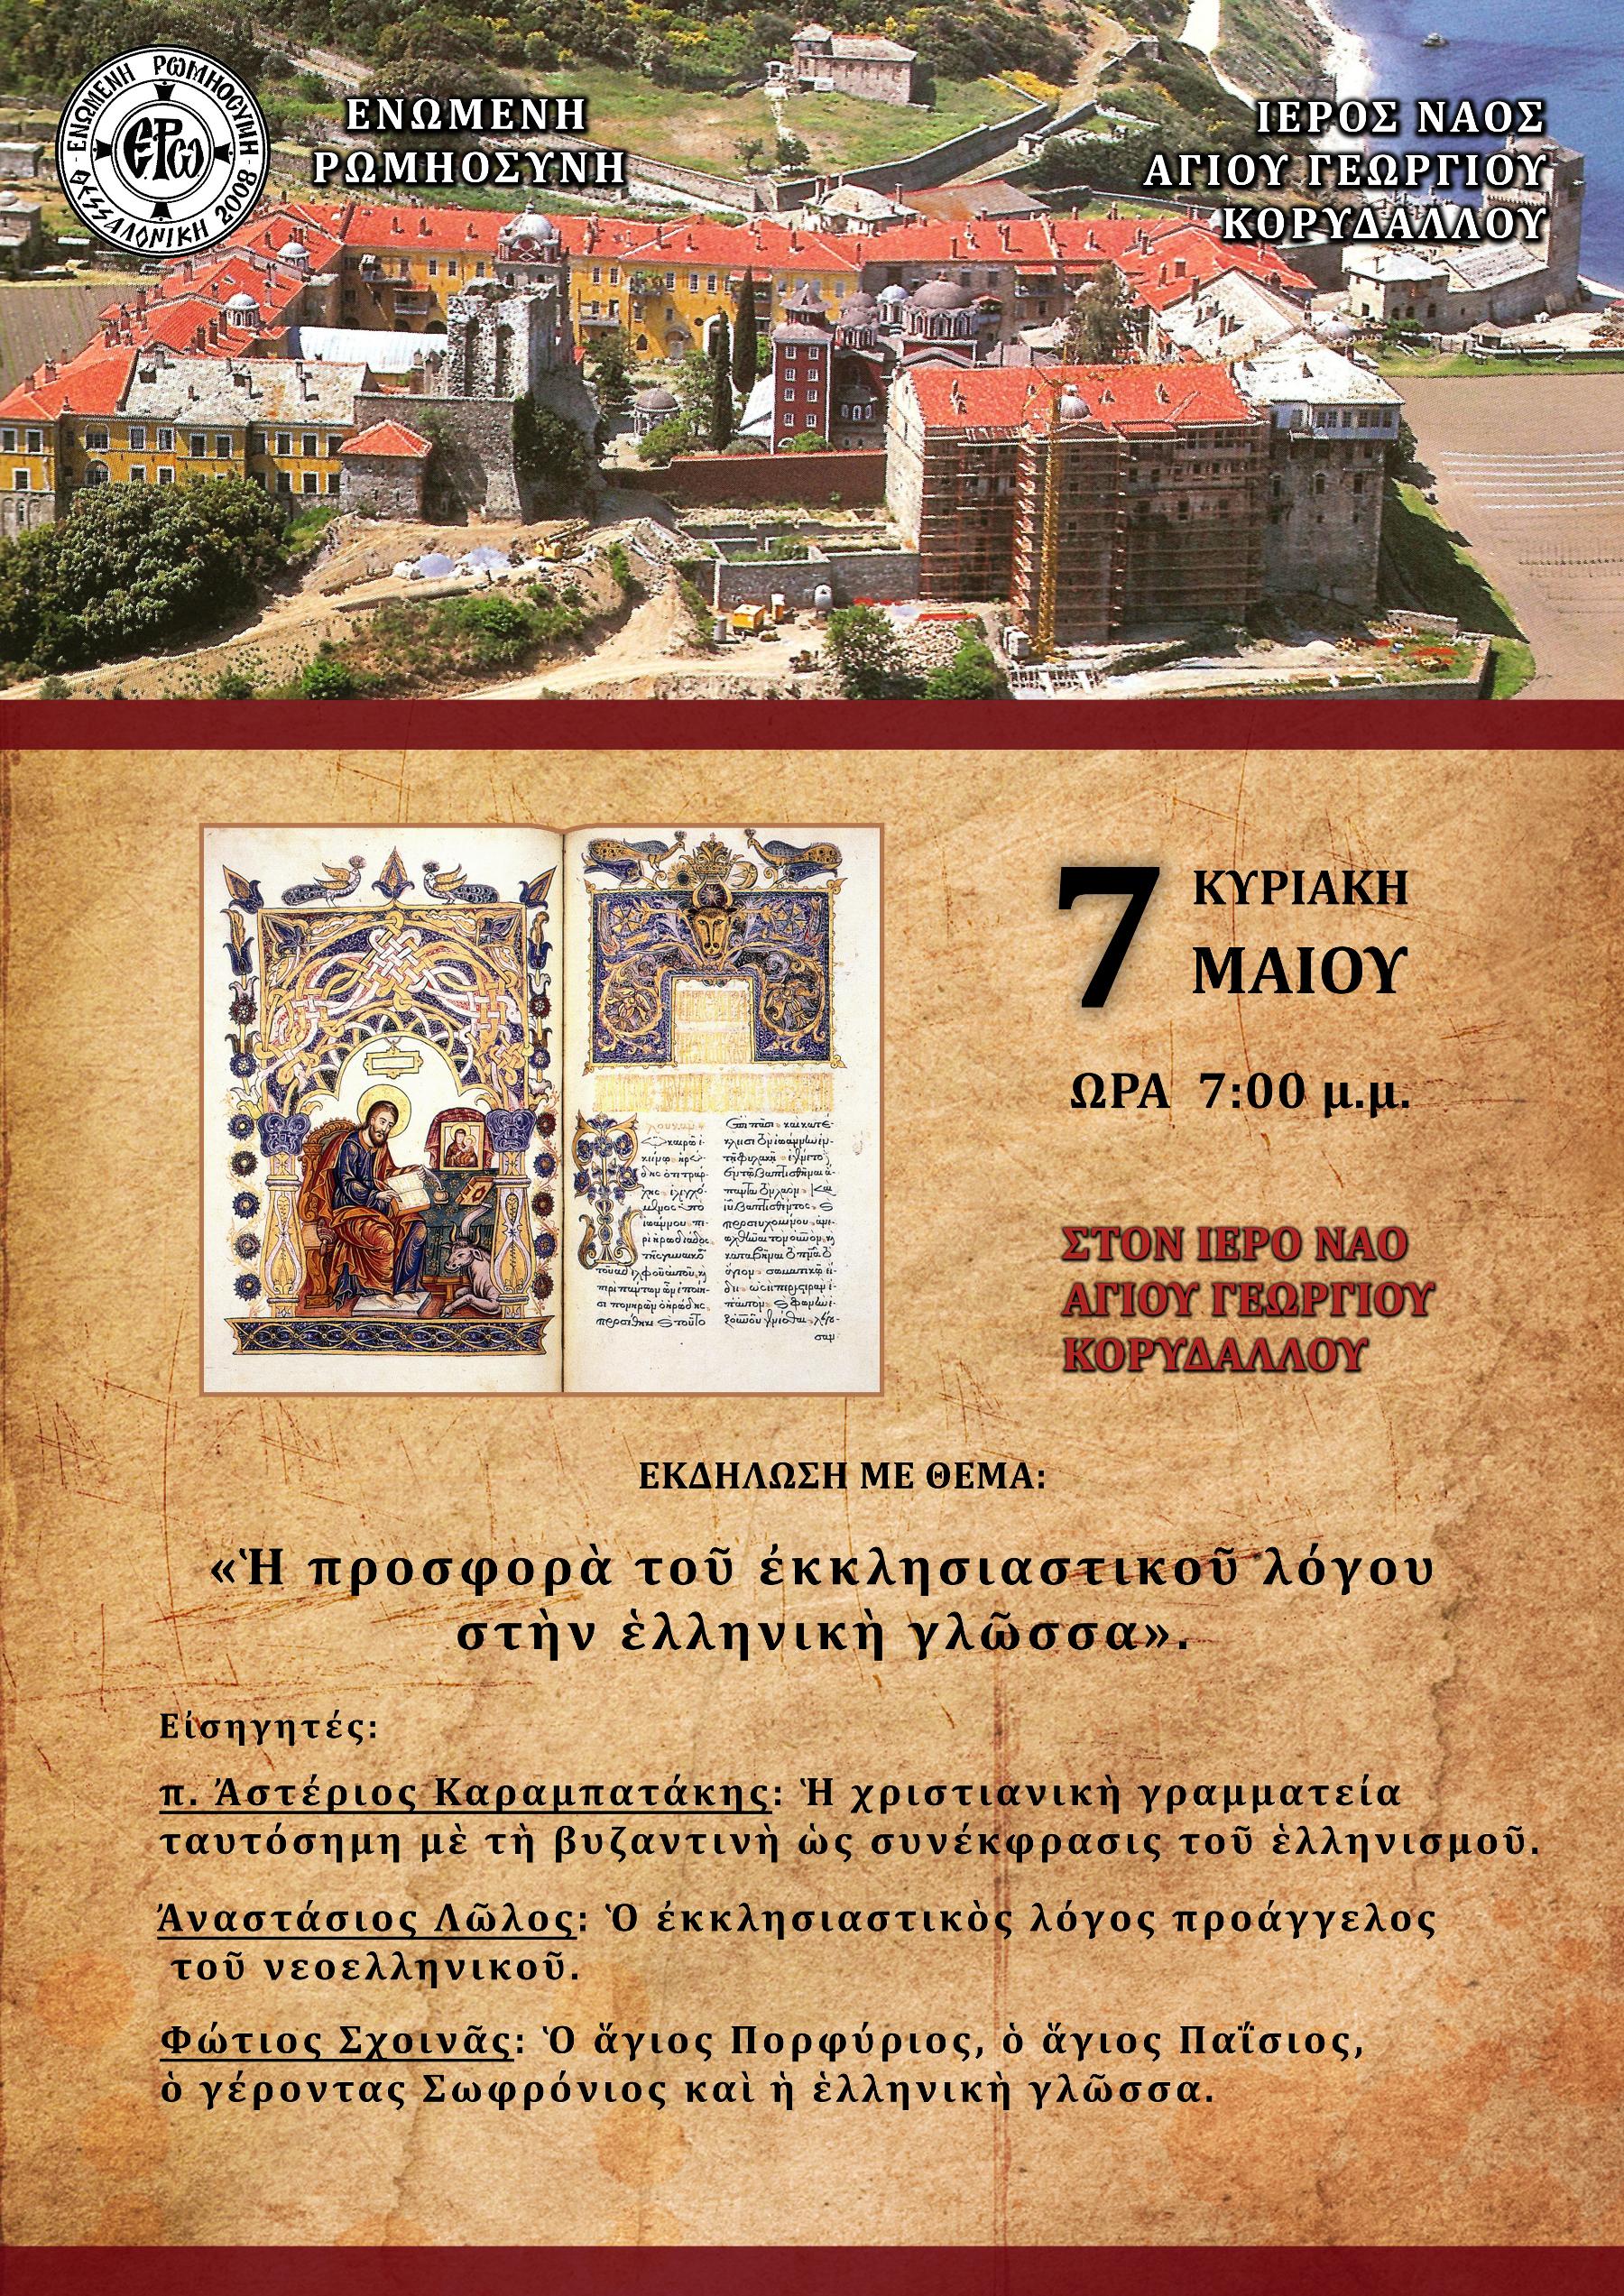 Η προσφορά του εκκλησιαστικού λόγου στην ελληνική γλώσσα